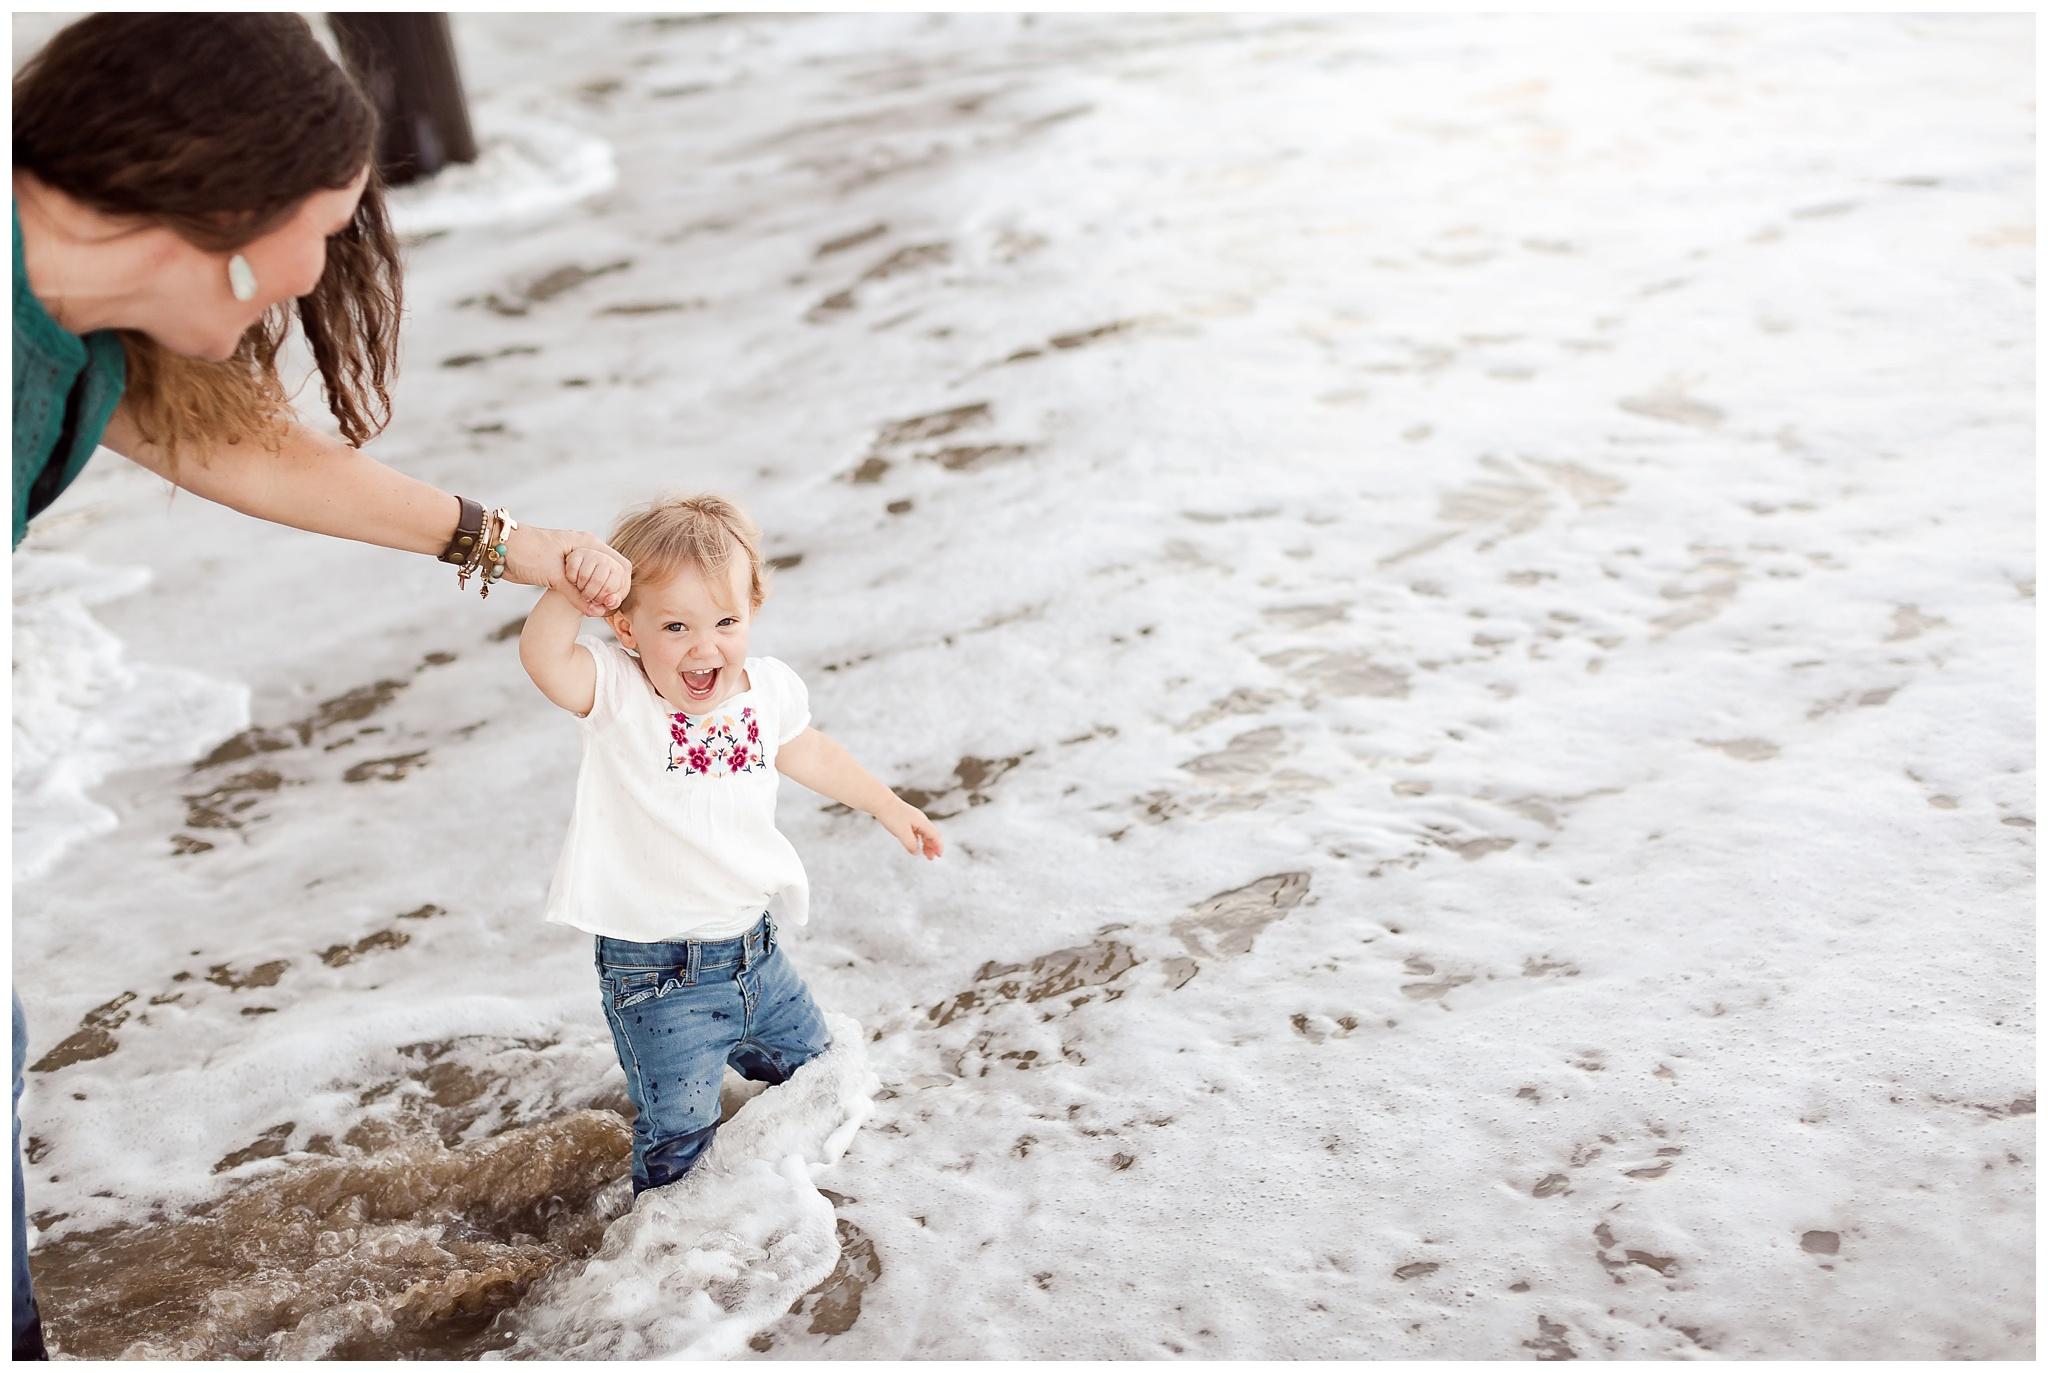 Virginia-Beach-family-photographer_0050.jpg